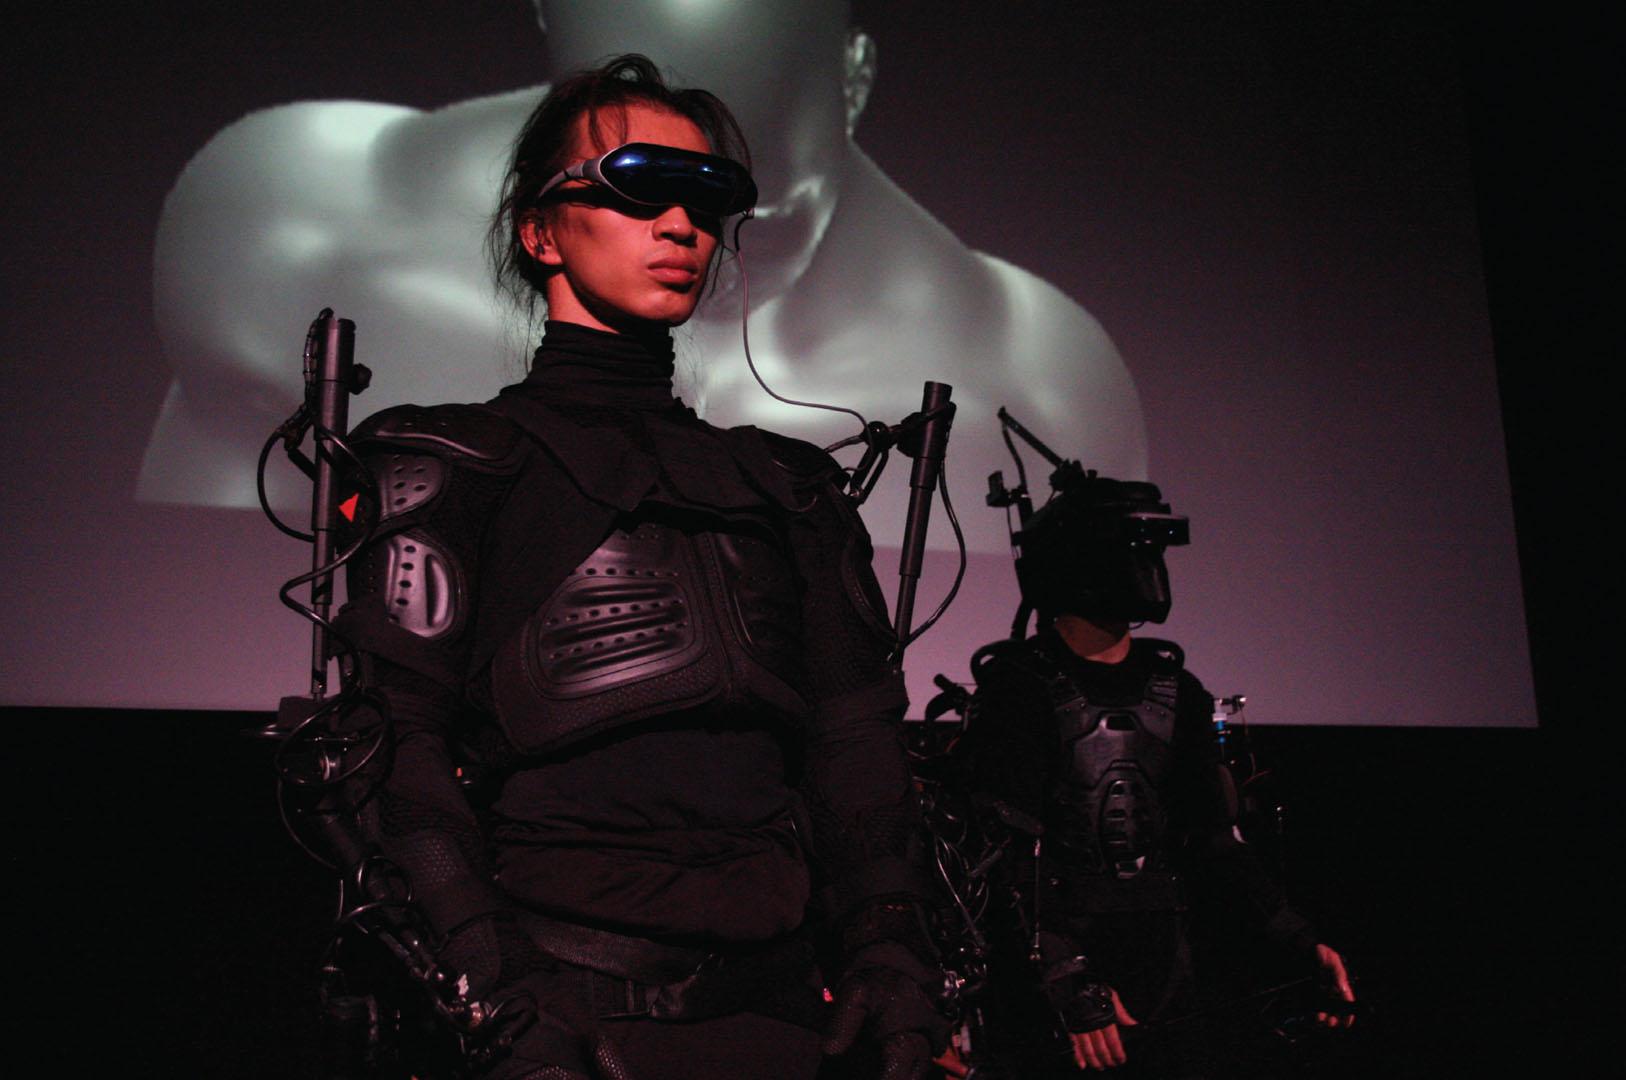 ©, Suguru Goto, netBody: Augmented Body and Virtual Body II